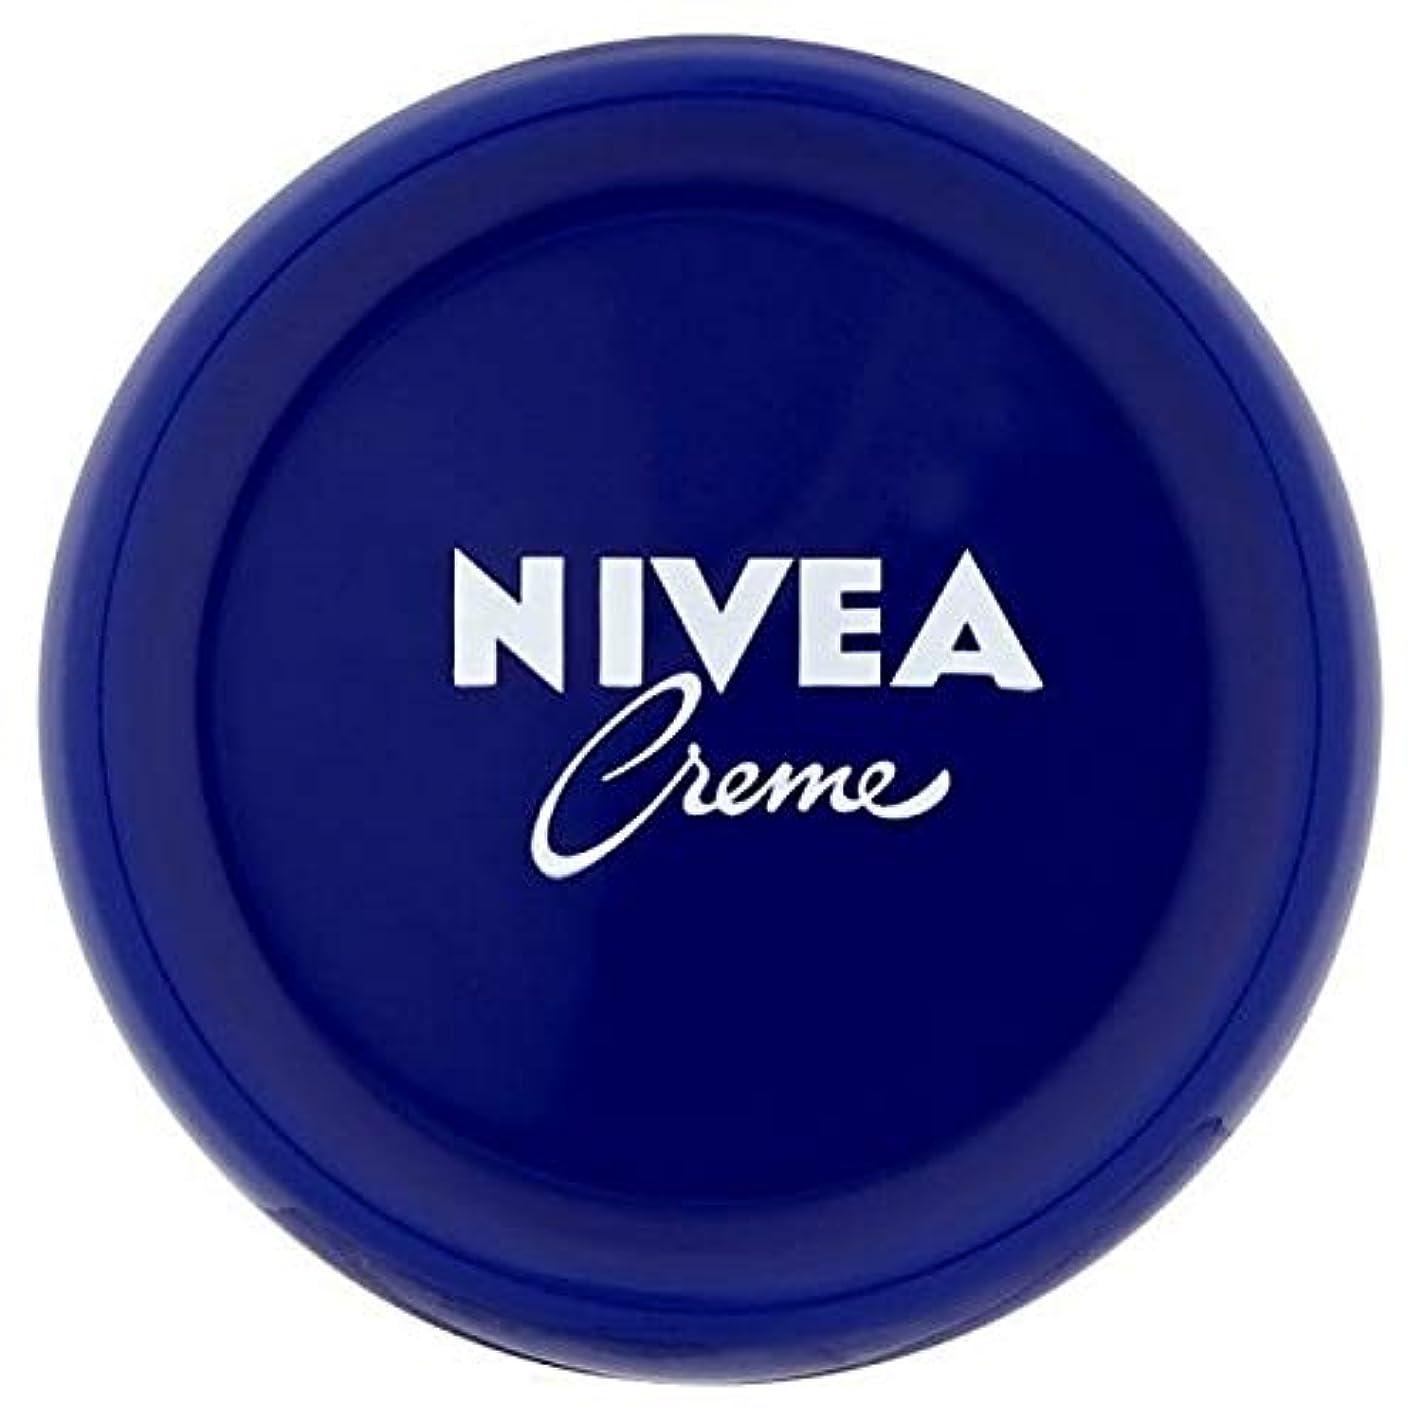 成熟どうしたの保証[Nivea ] ニベアクリーム万能ボディクリーム、50ミリリットル - NIVEA Creme All Purpose Body Cream, 50ml [並行輸入品]